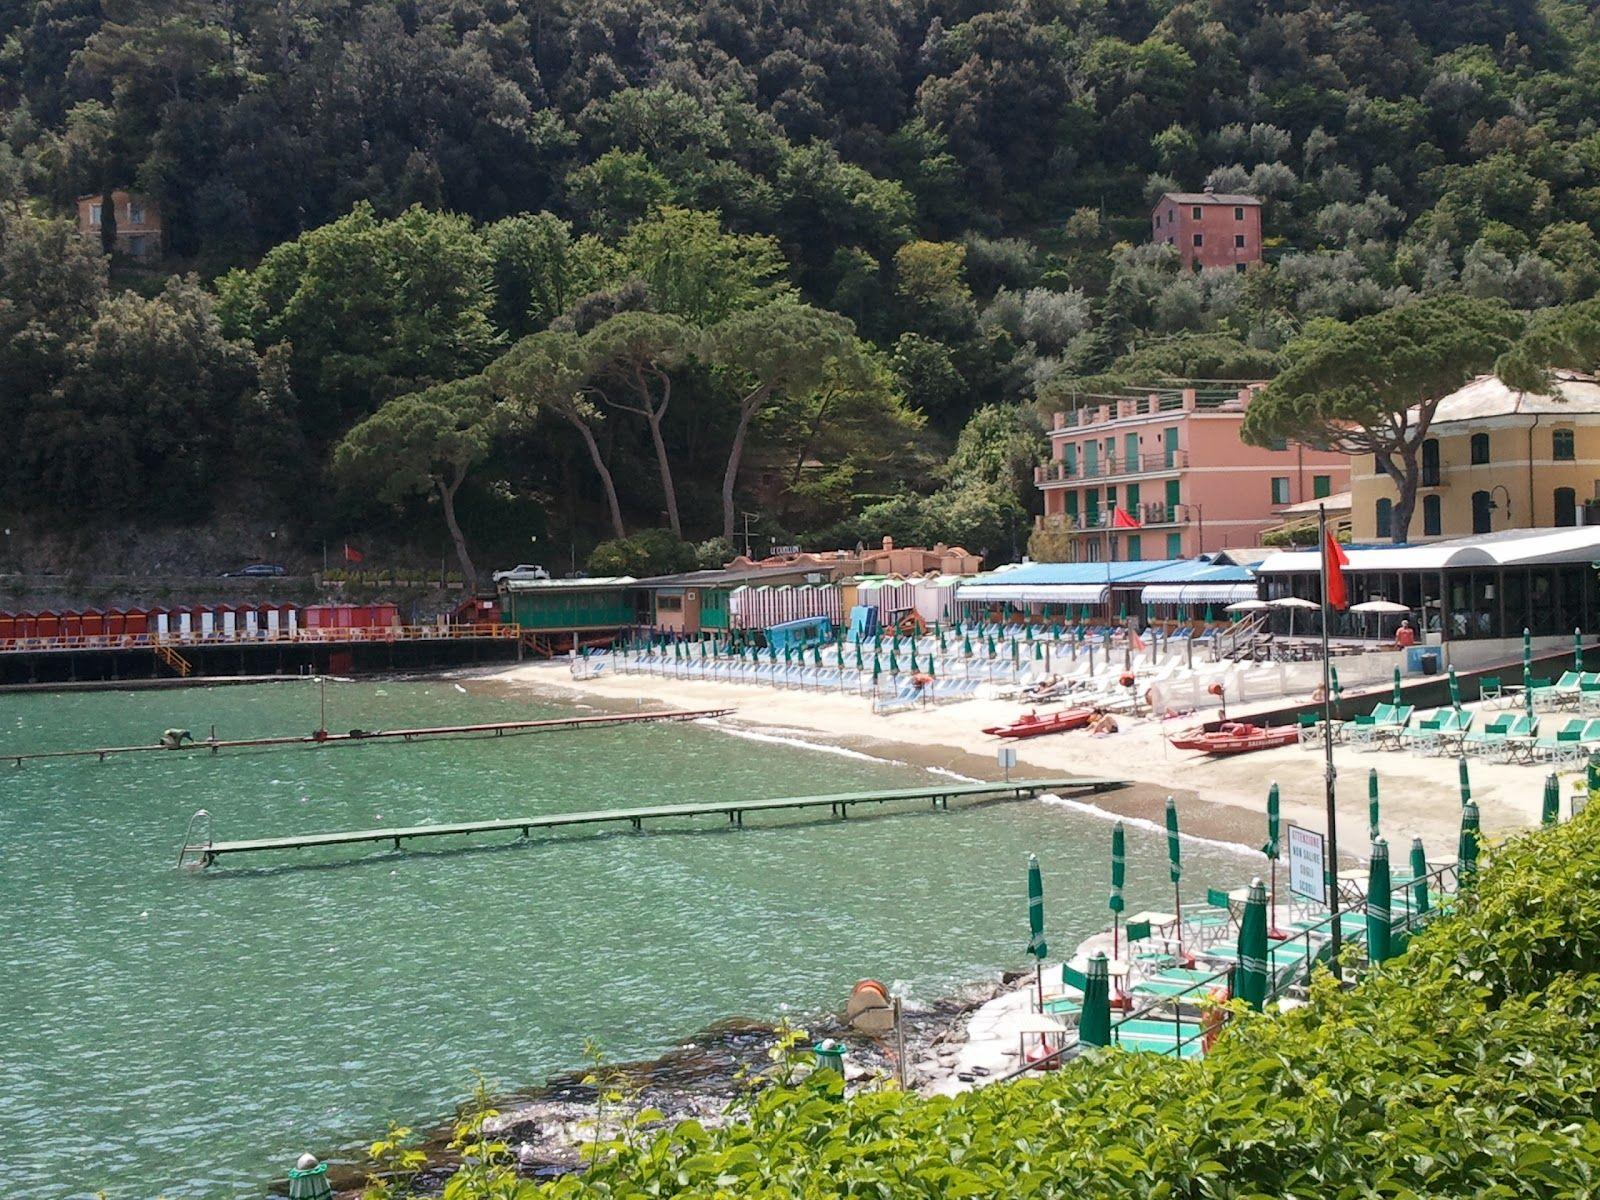 Paraggi la spiaggia italy hour walk to portofino through